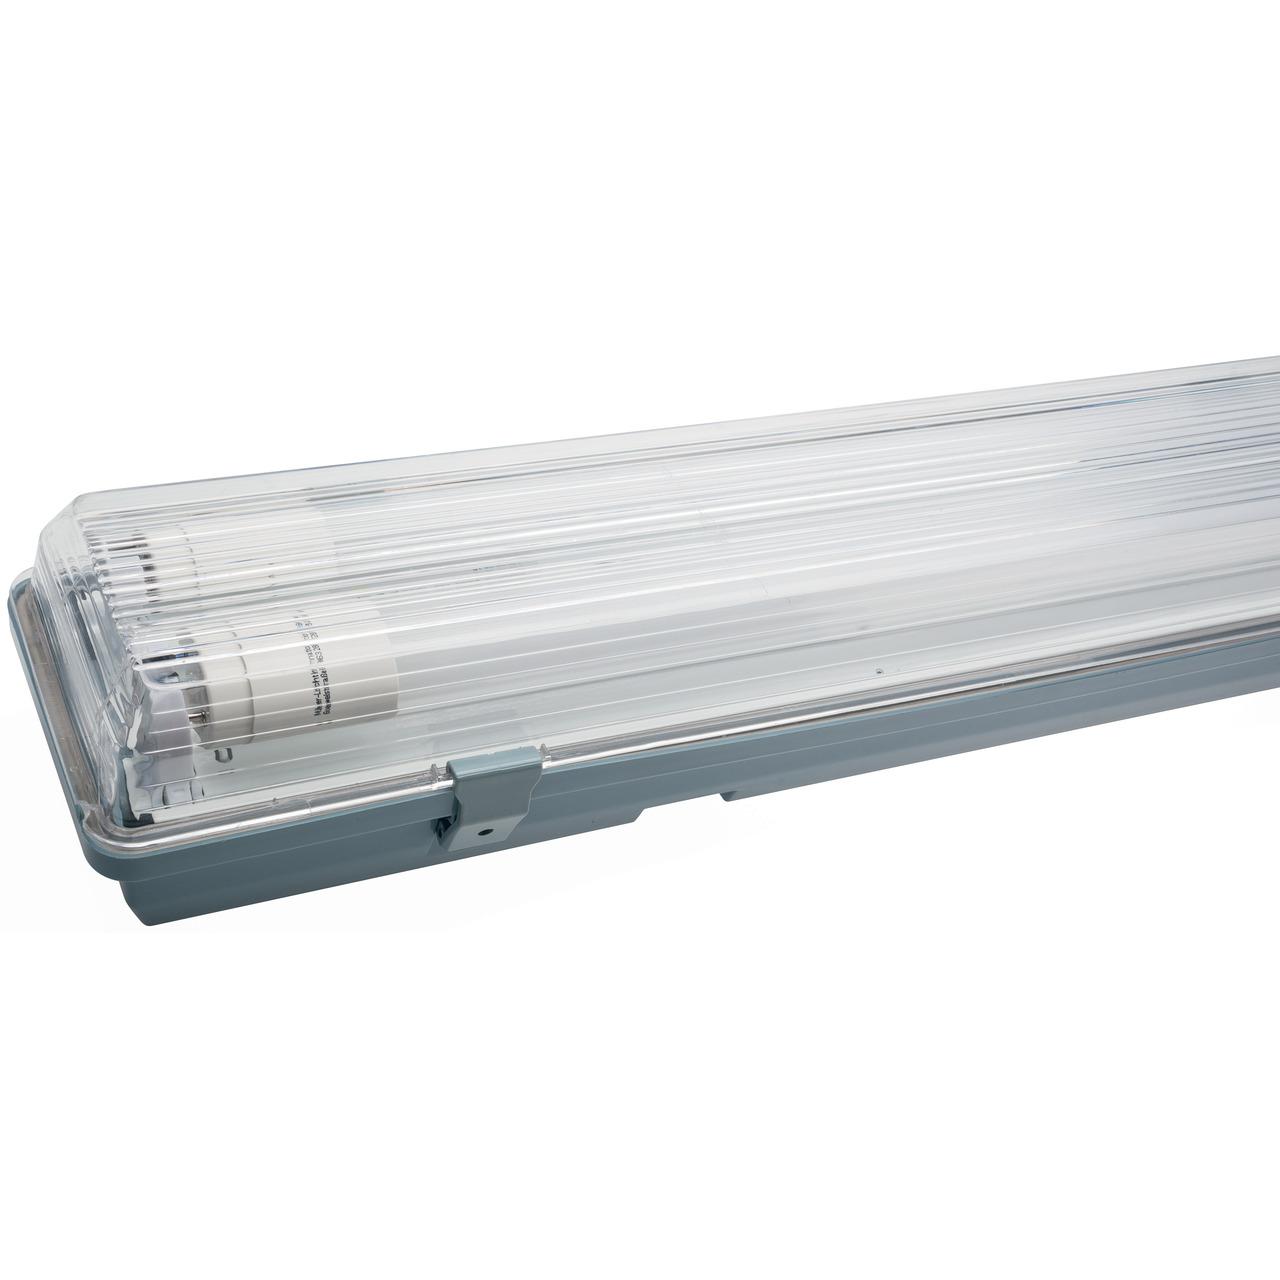 Müller Licht 48-W-LED-Feuchtraumwannenleuchte mit 2x24 W-Röhrenlampen- 157 cm- IP65